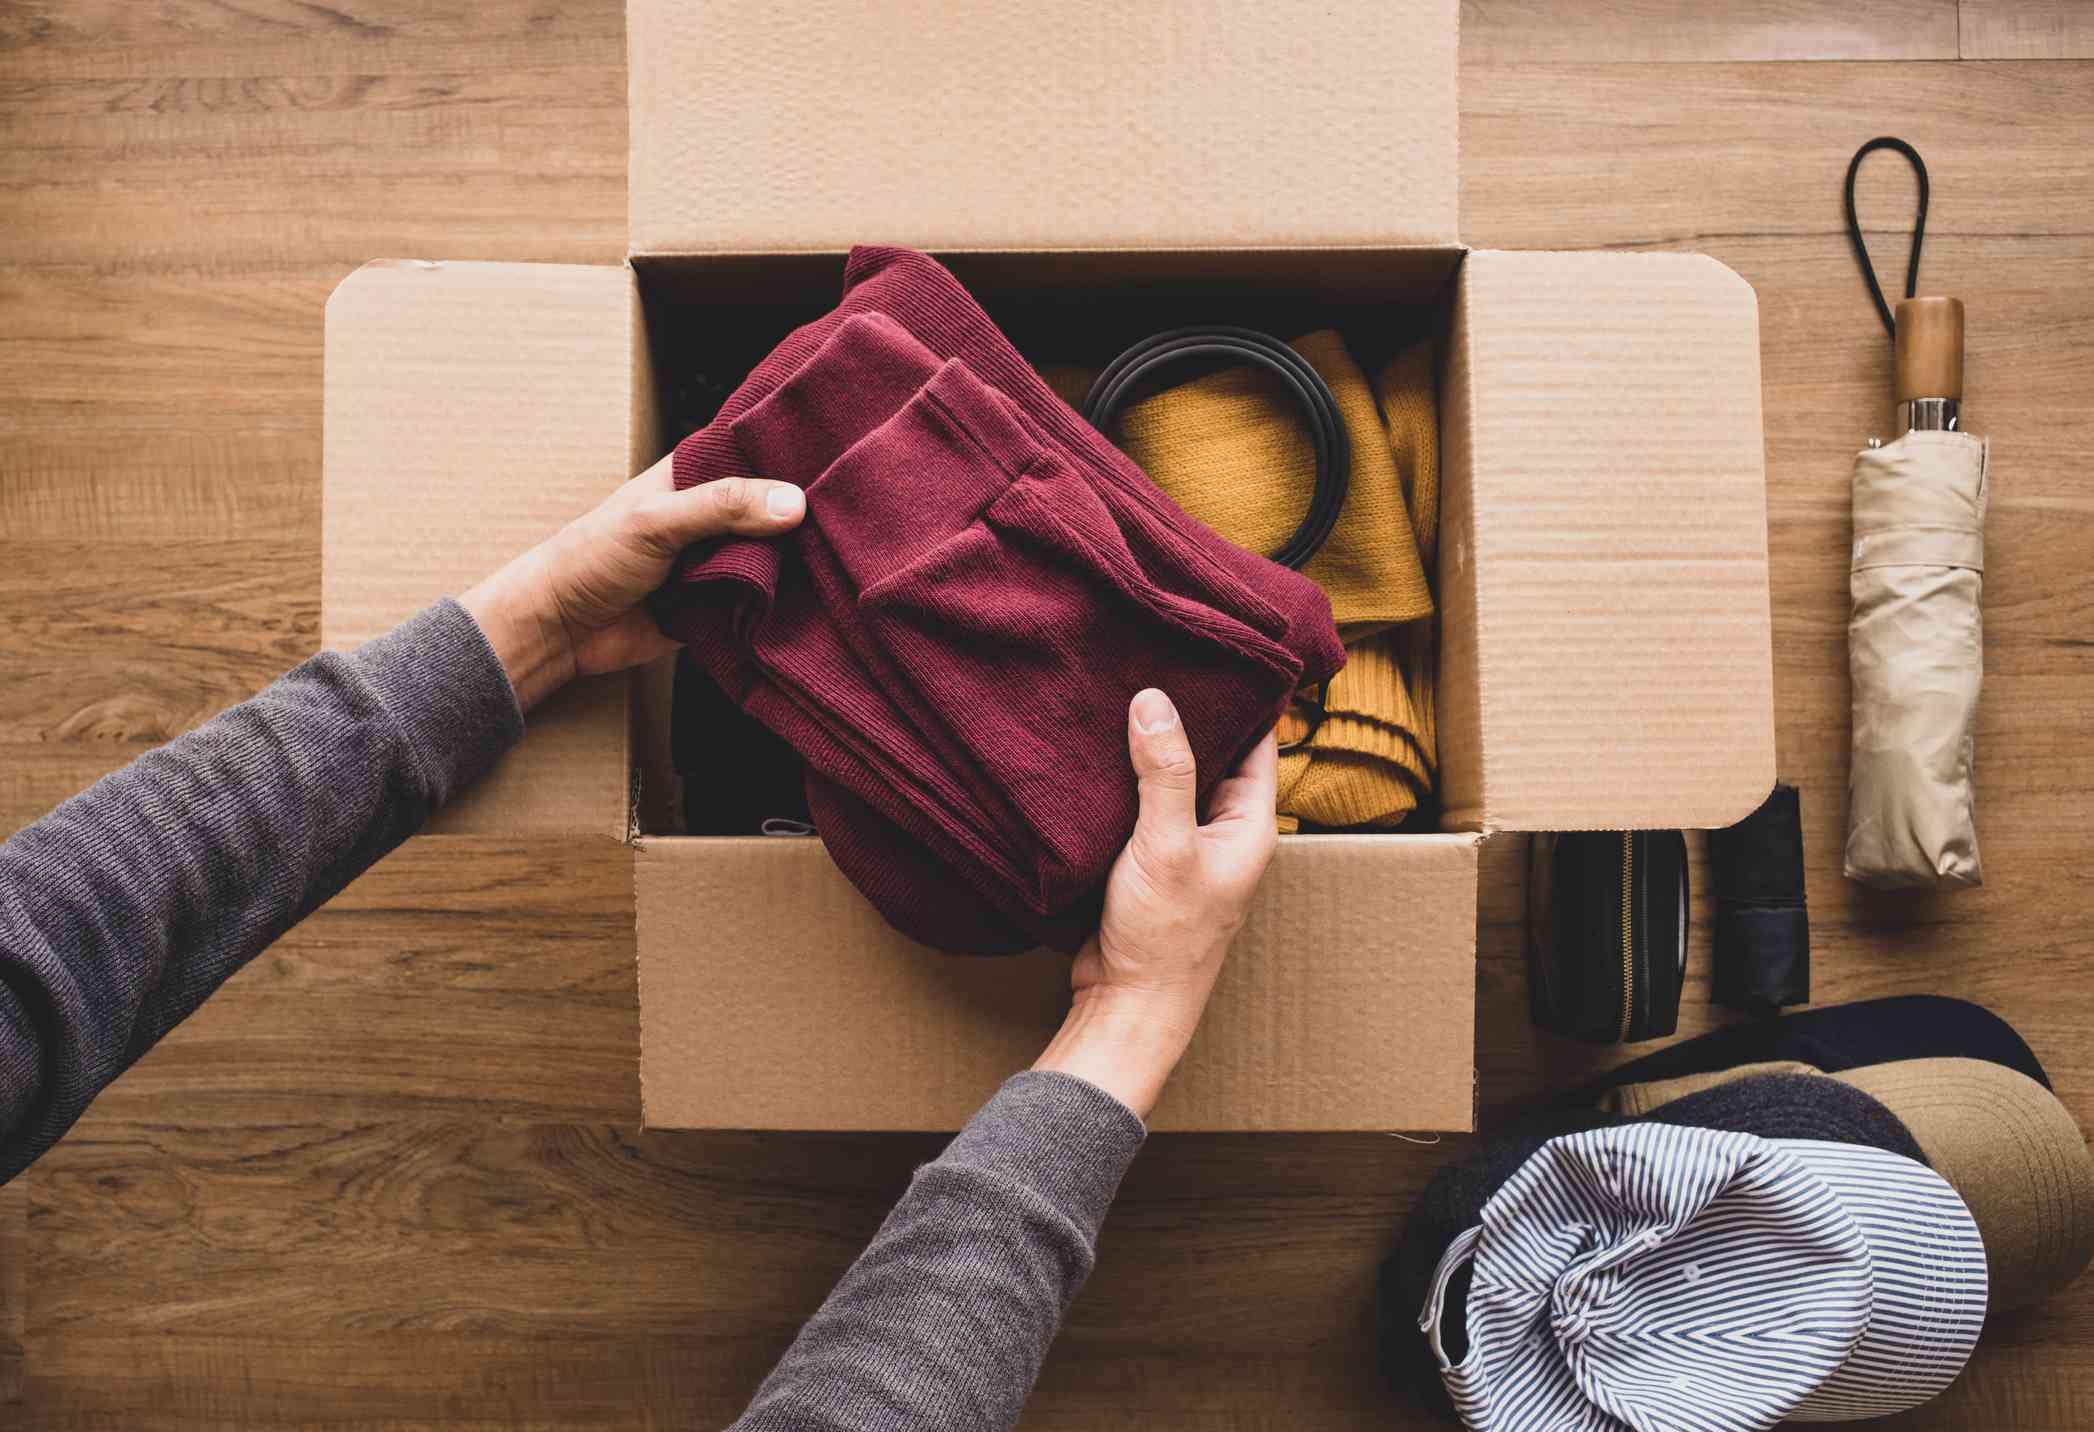 Limpieza del hogar y conceptos de donación con jóvenes persona que pone ropa de accesorios en una caja marrón. entrega y compartir con humanos